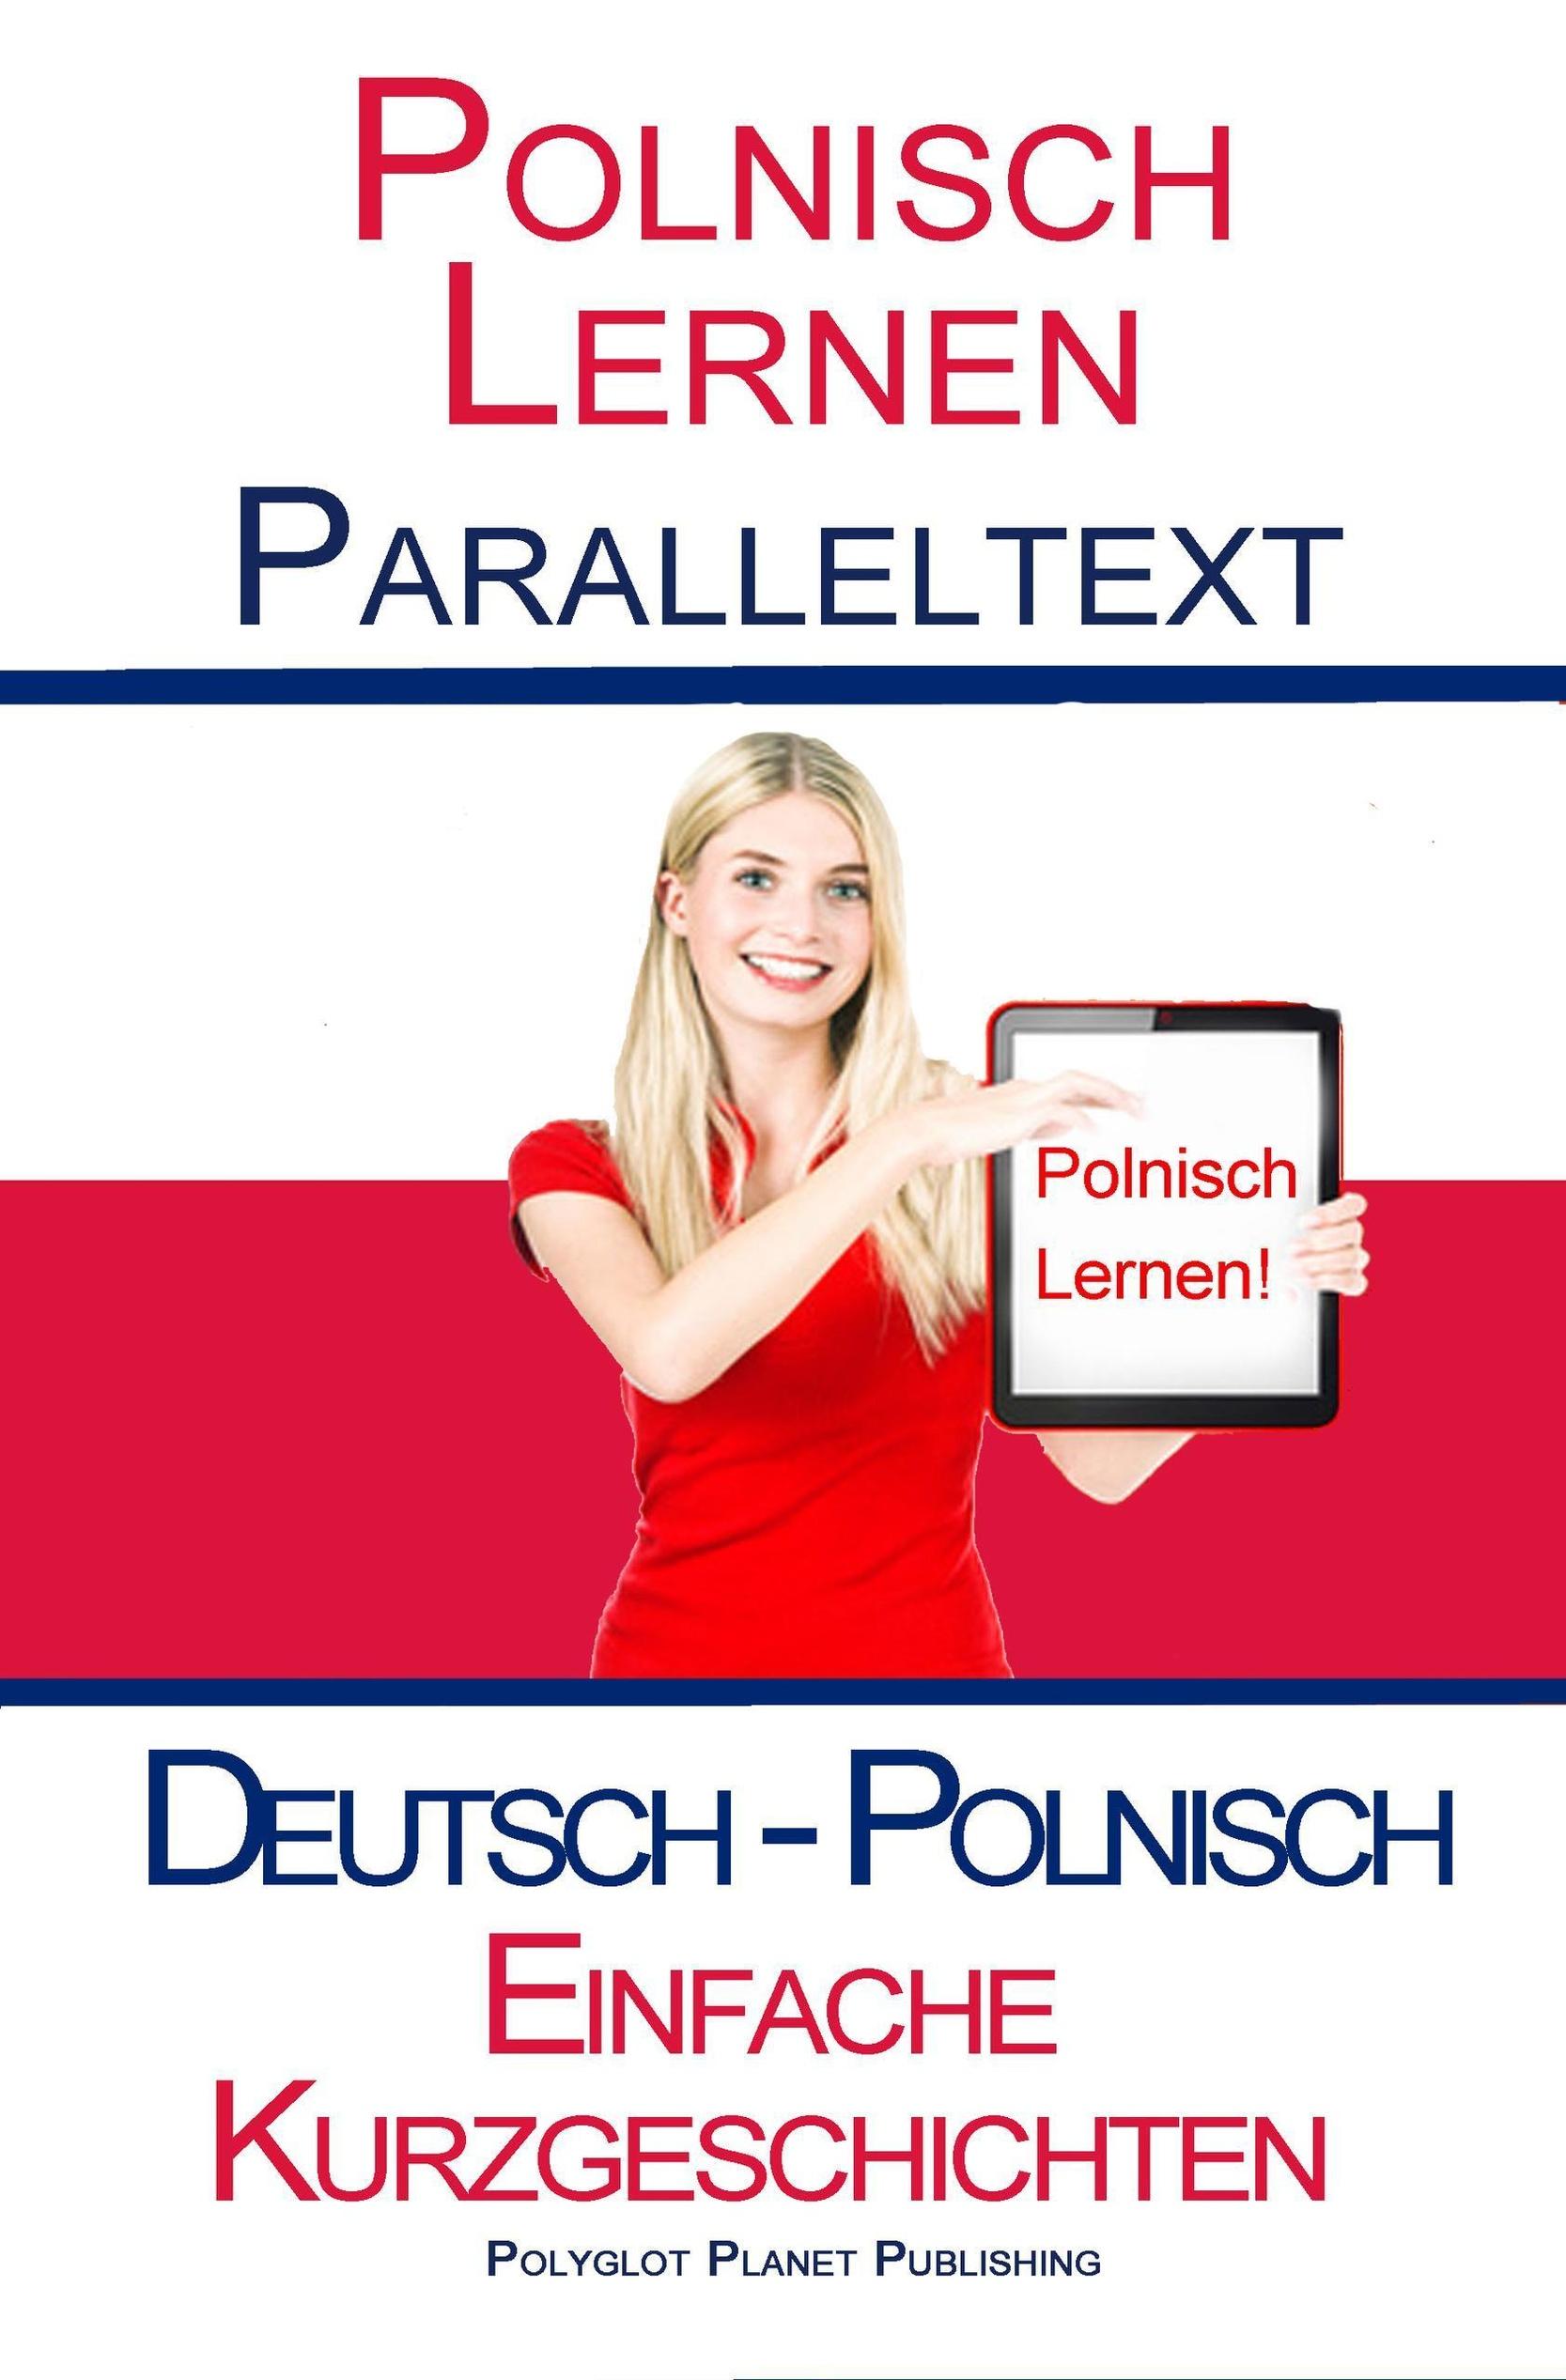 Deutsch einfache kurzgeschichten Kurzgeschichten (für